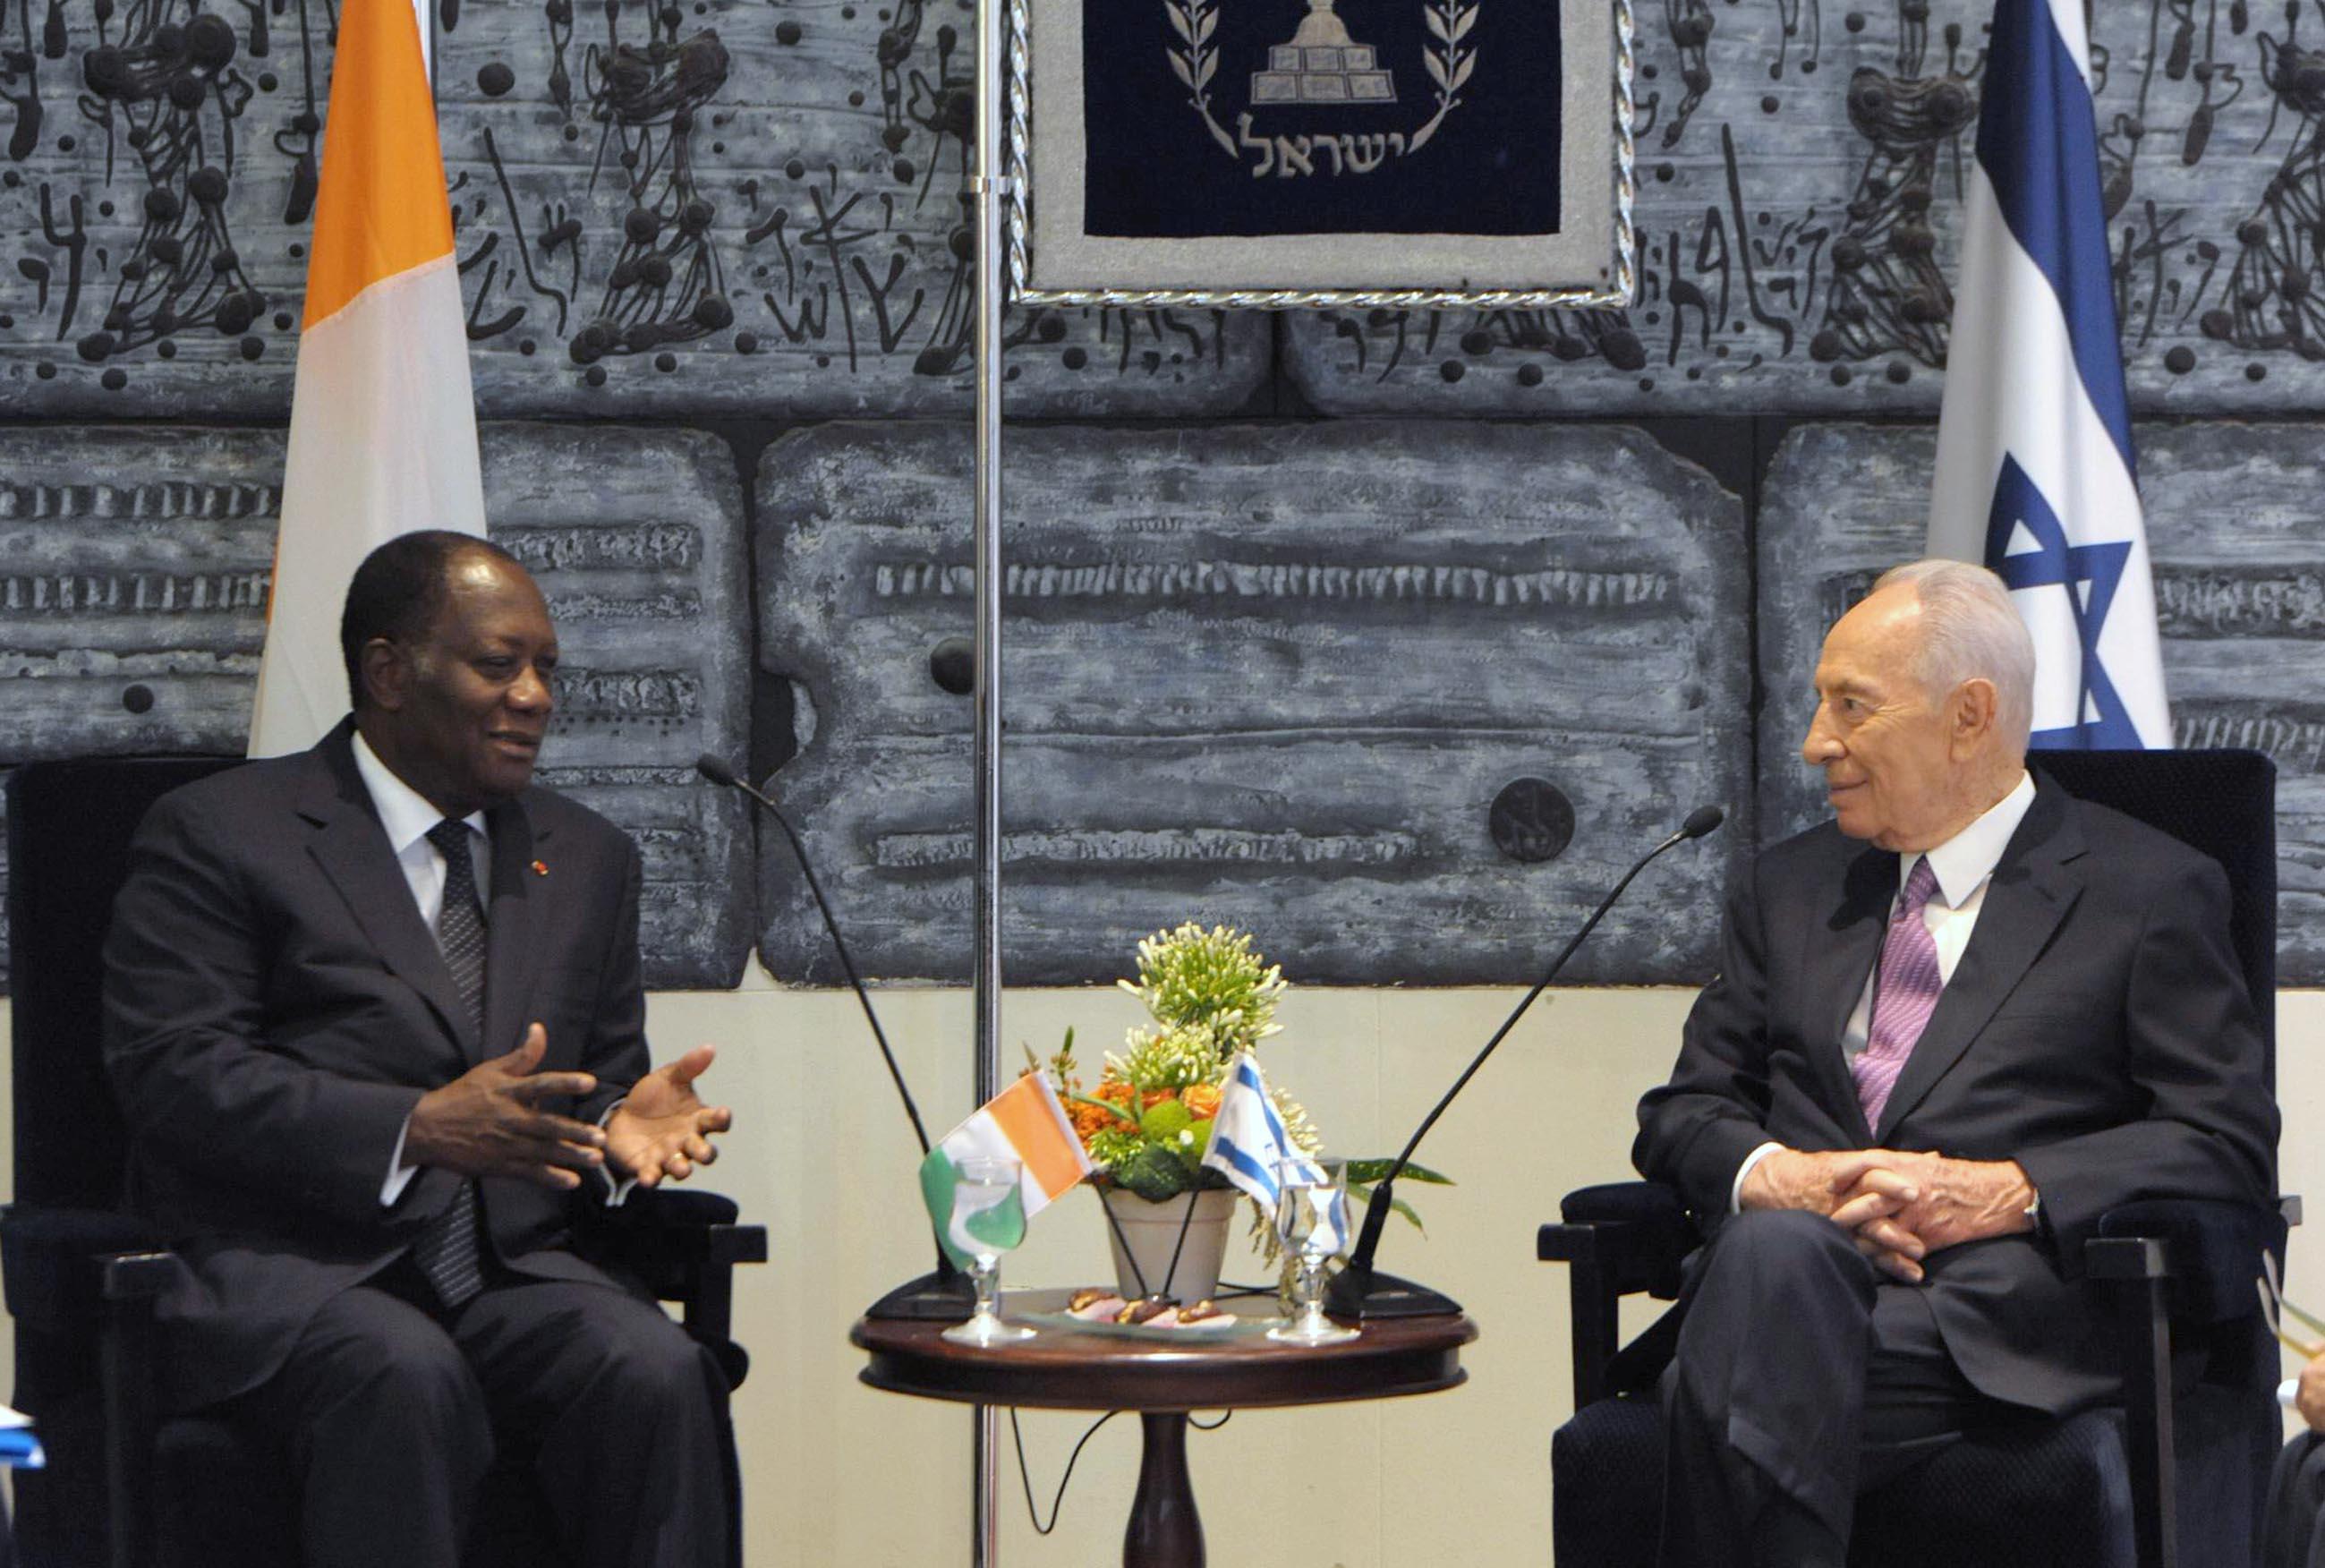 הנשיא פרס הבטיח המשך סיוע ישראלי לנשיא חוף השנהב